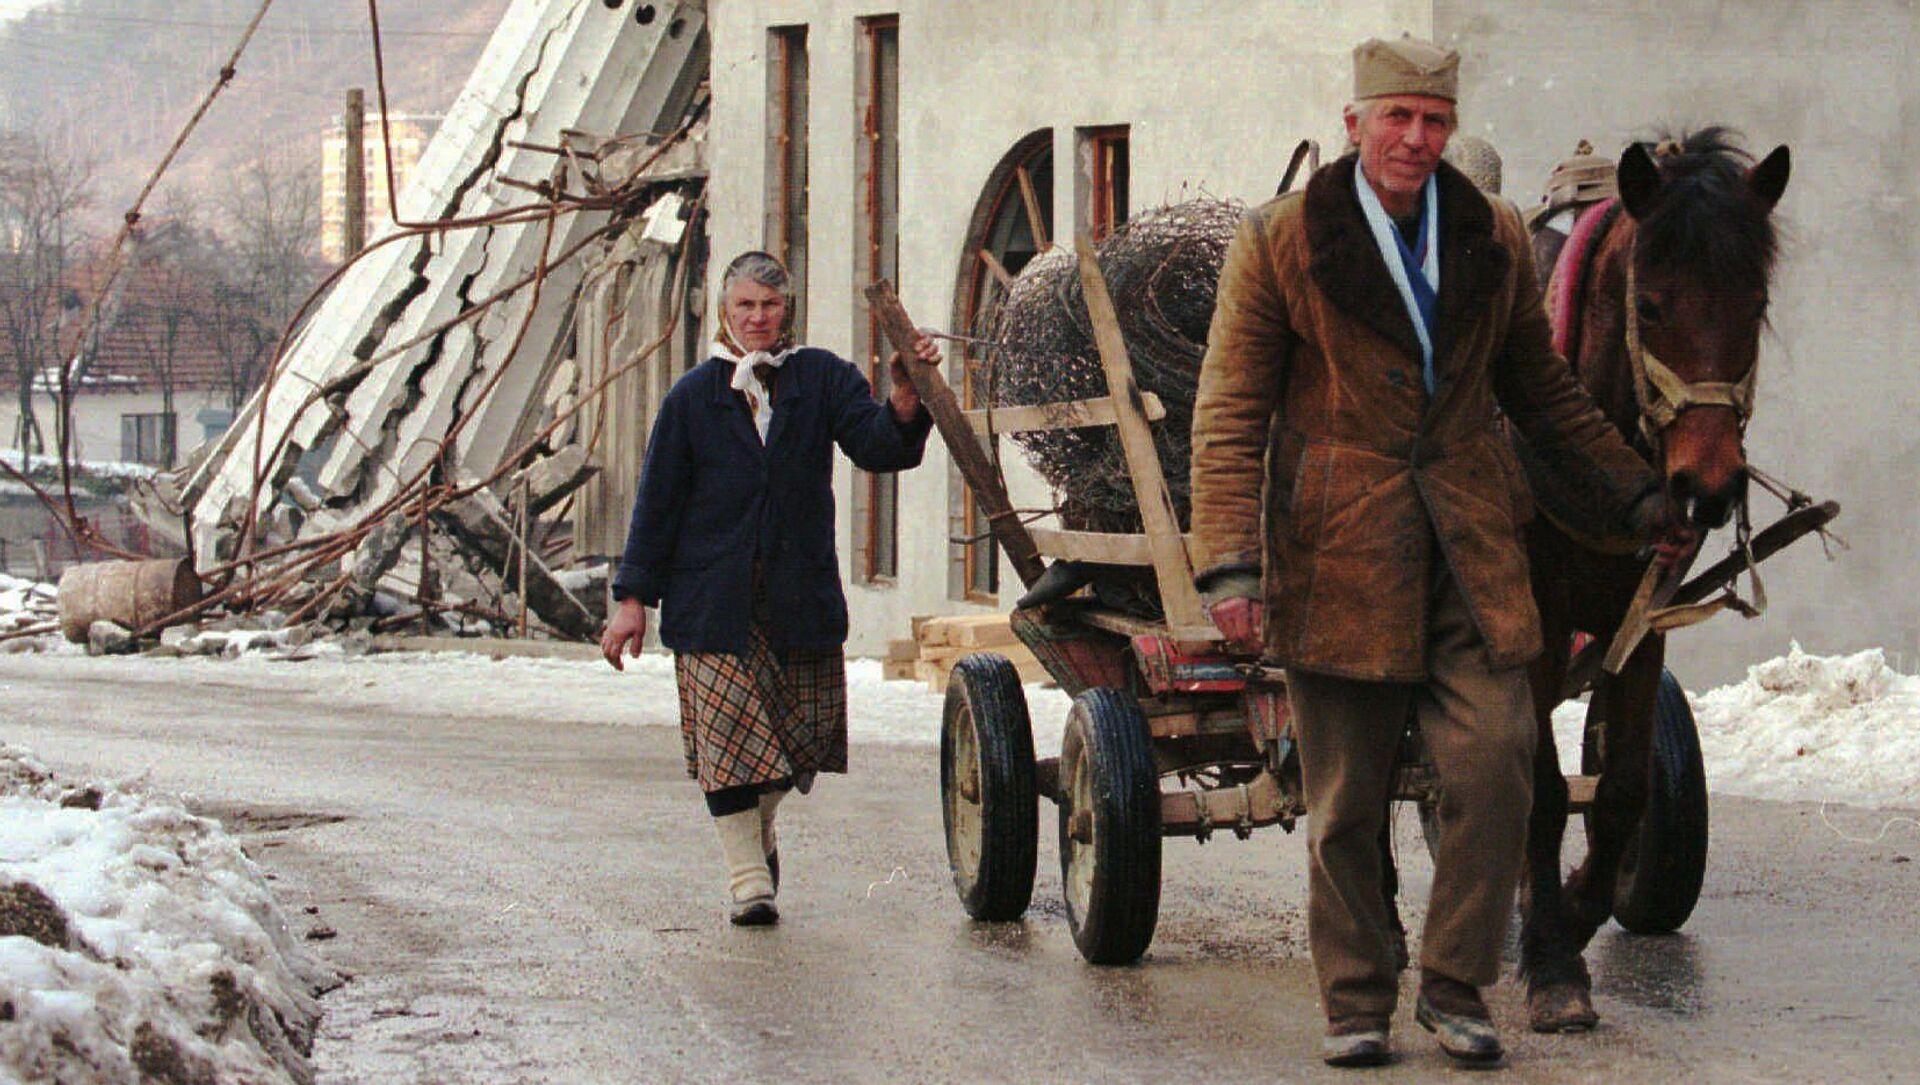 Bośniaccy Serbowie idą przez terytorium zniszczonej Srebrenicy  - Sputnik Polska, 1920, 09.04.2021